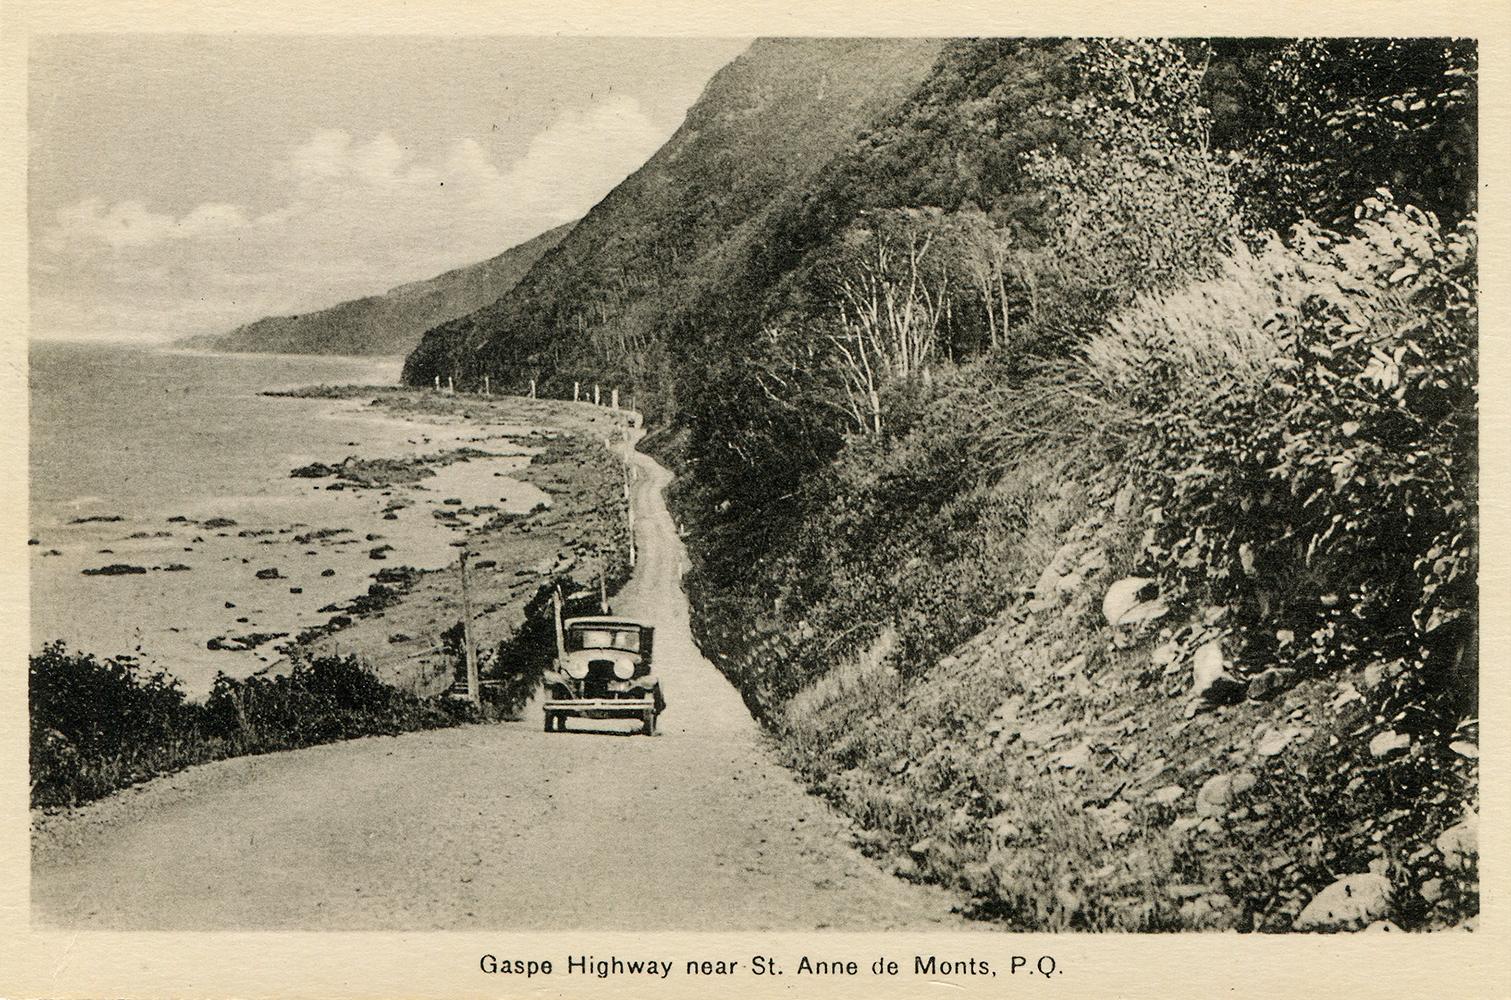 Carte postale présentant une voiture sur le boulevard Perron vers 1930, alors qu'il était en gravier. Le boulevard Perron longe le pied d'une montagne abrupte et la berge du fleuve Saint-Laurent près de Sainte-Anne-des-Monts.